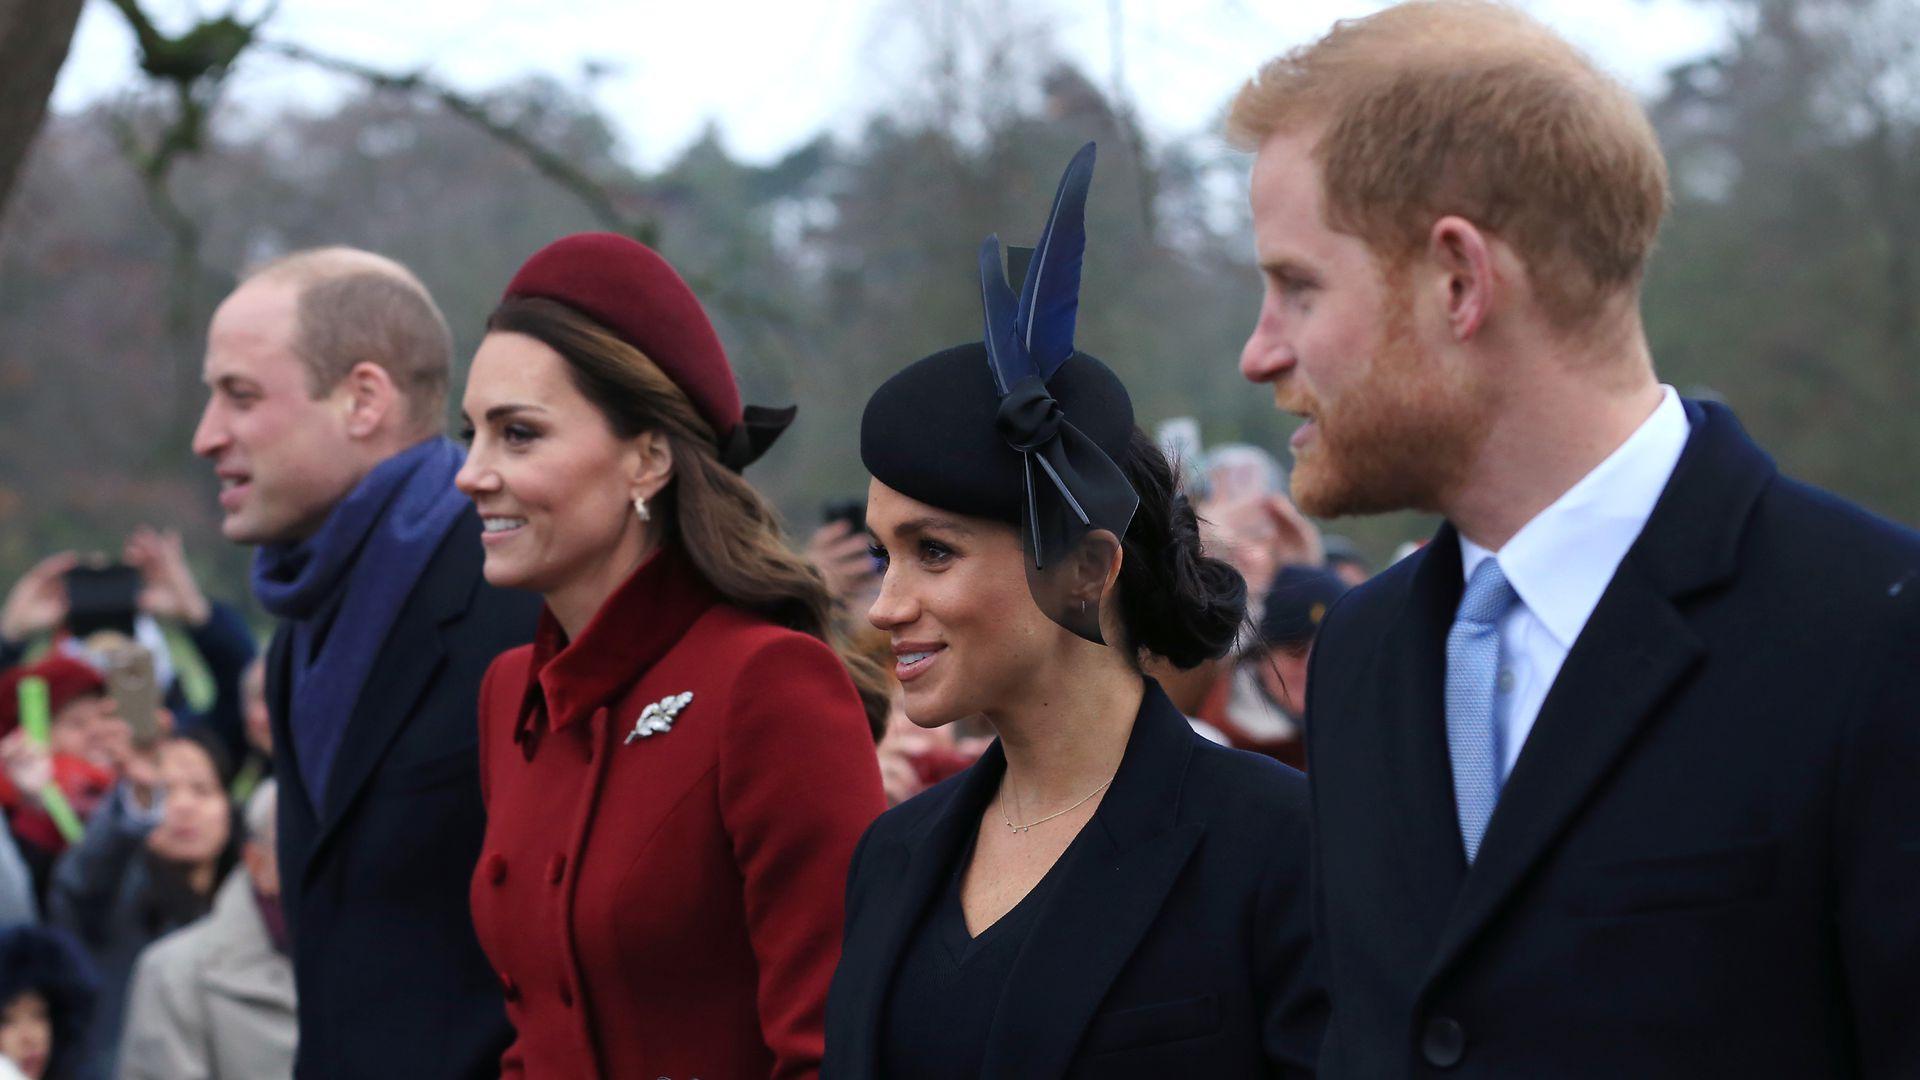 Neuseeland Attentat Image: Attentat In Neuseeland: Royals Veröffentlichen Statement